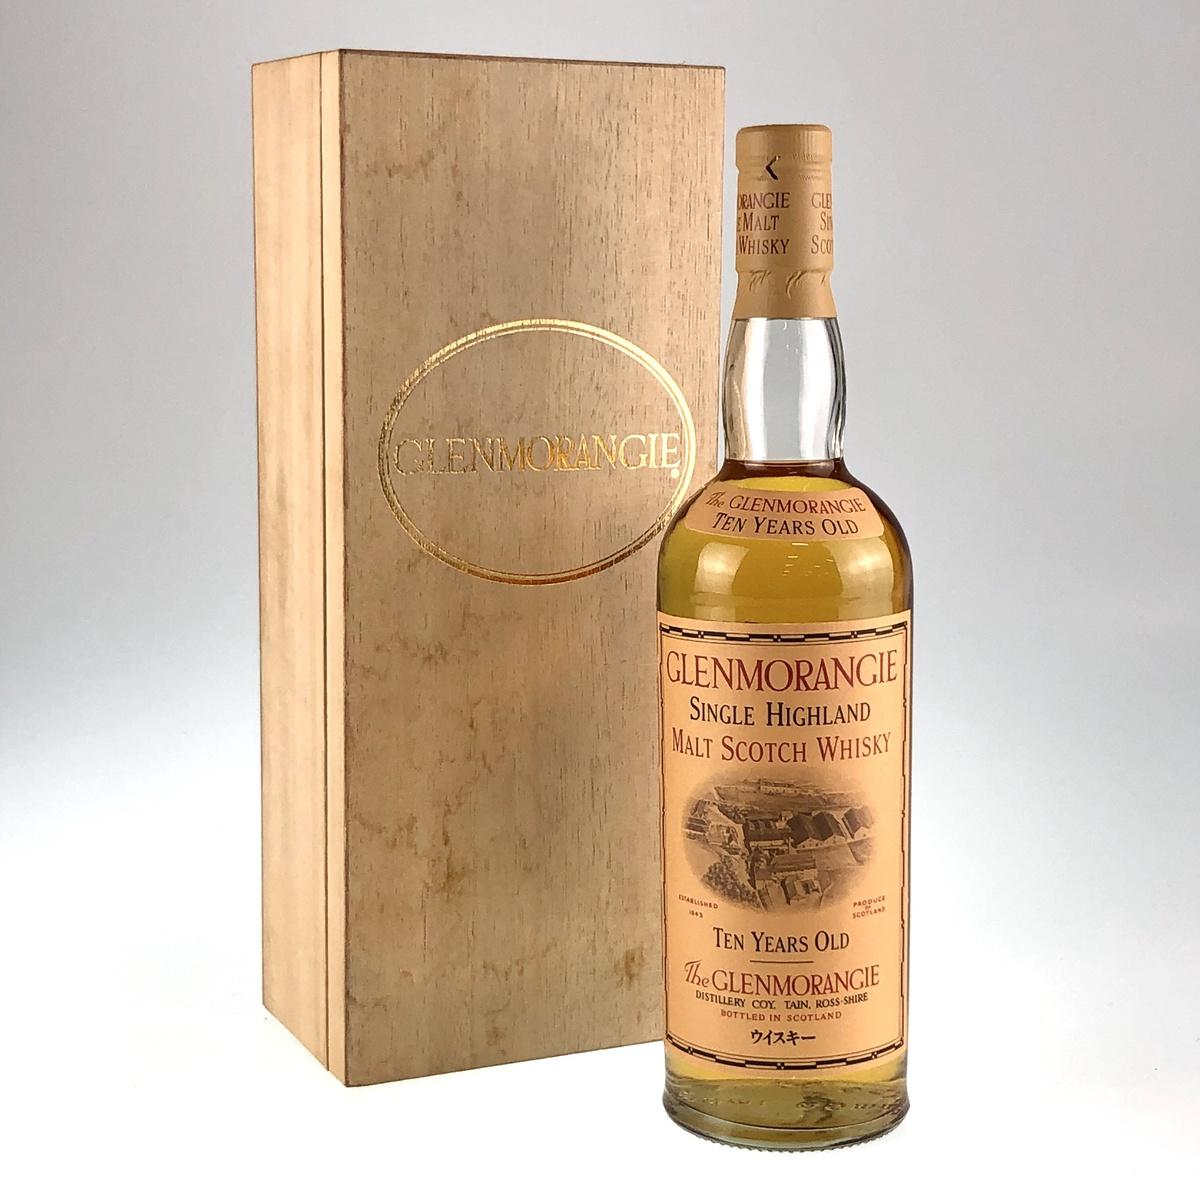 グレンモーレンジ the glenmorangie 10年 シングルハイランドモルト 750ml スコッチウイスキー シングルモルト 【古酒】:バイセルオンライン 店